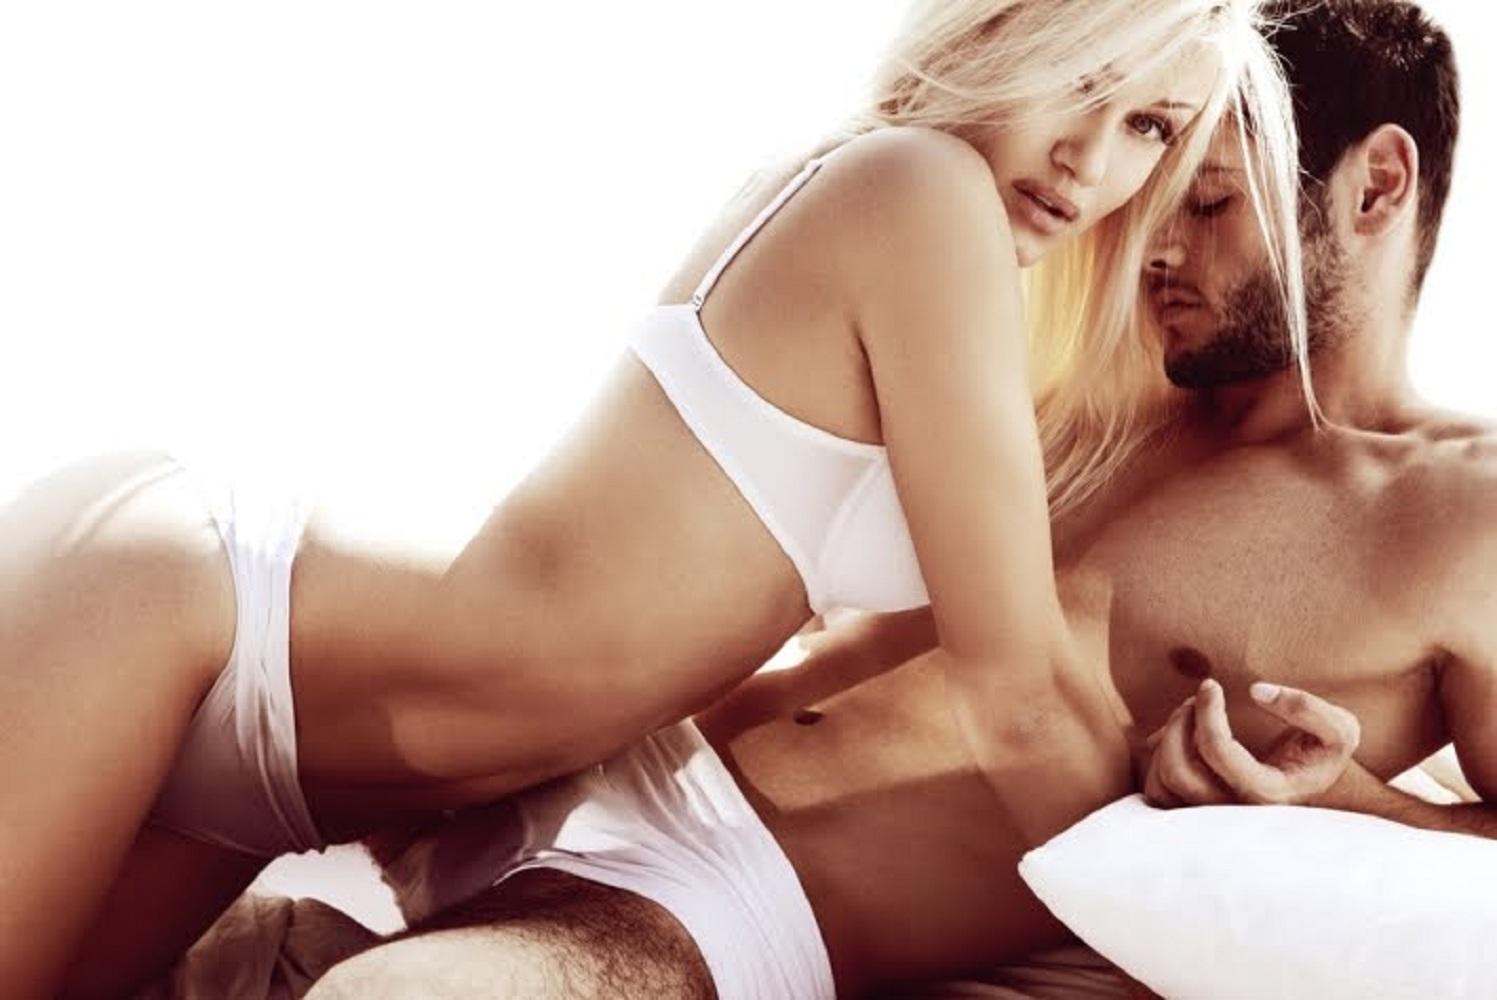 merevedés a nő megérintésétől fotó a tengerparton egy erekcióval